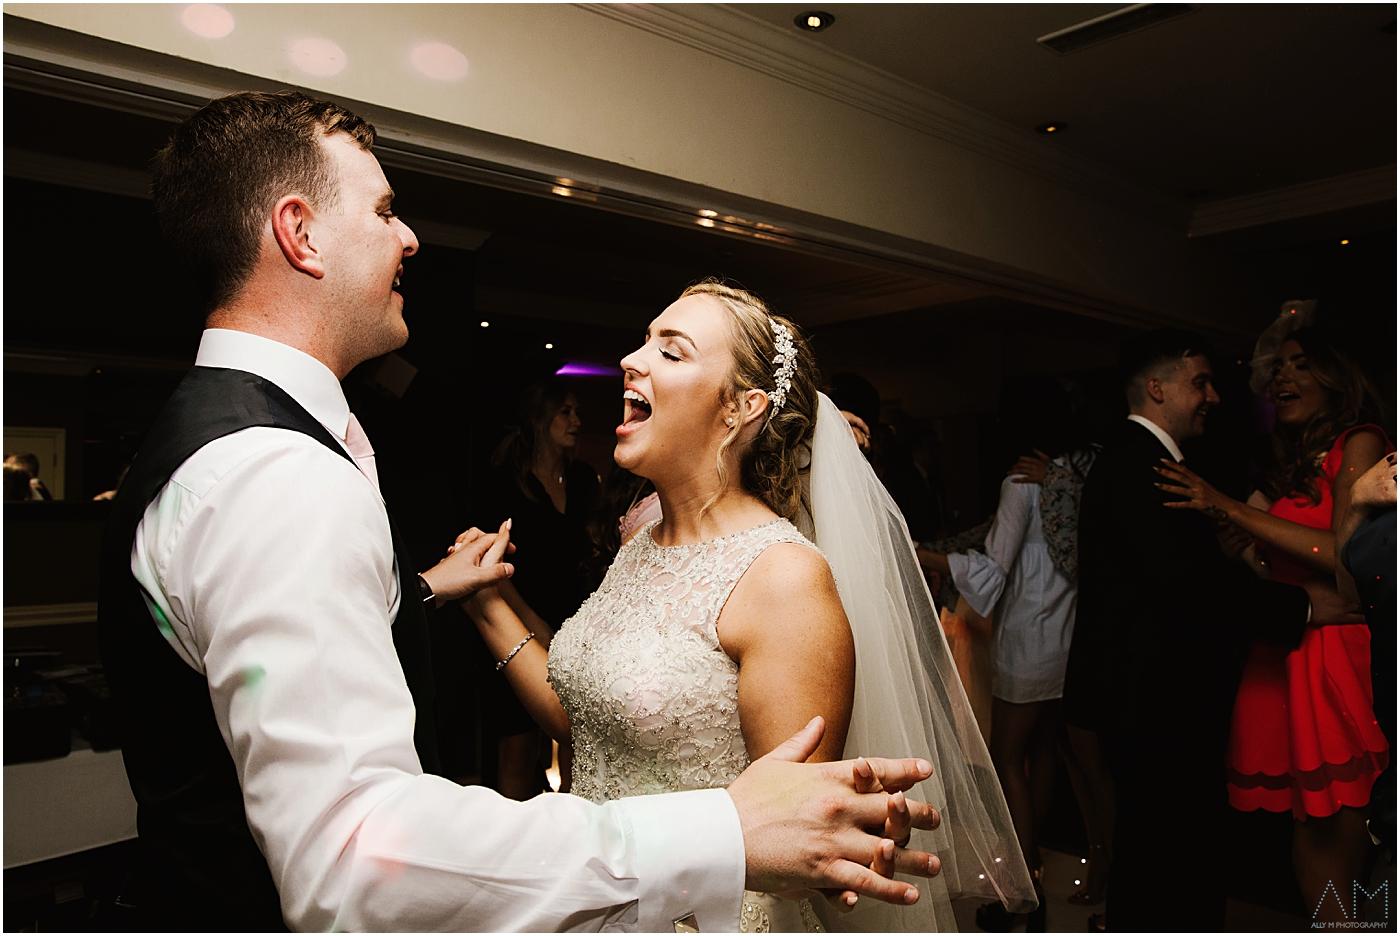 Bride singing to her groom